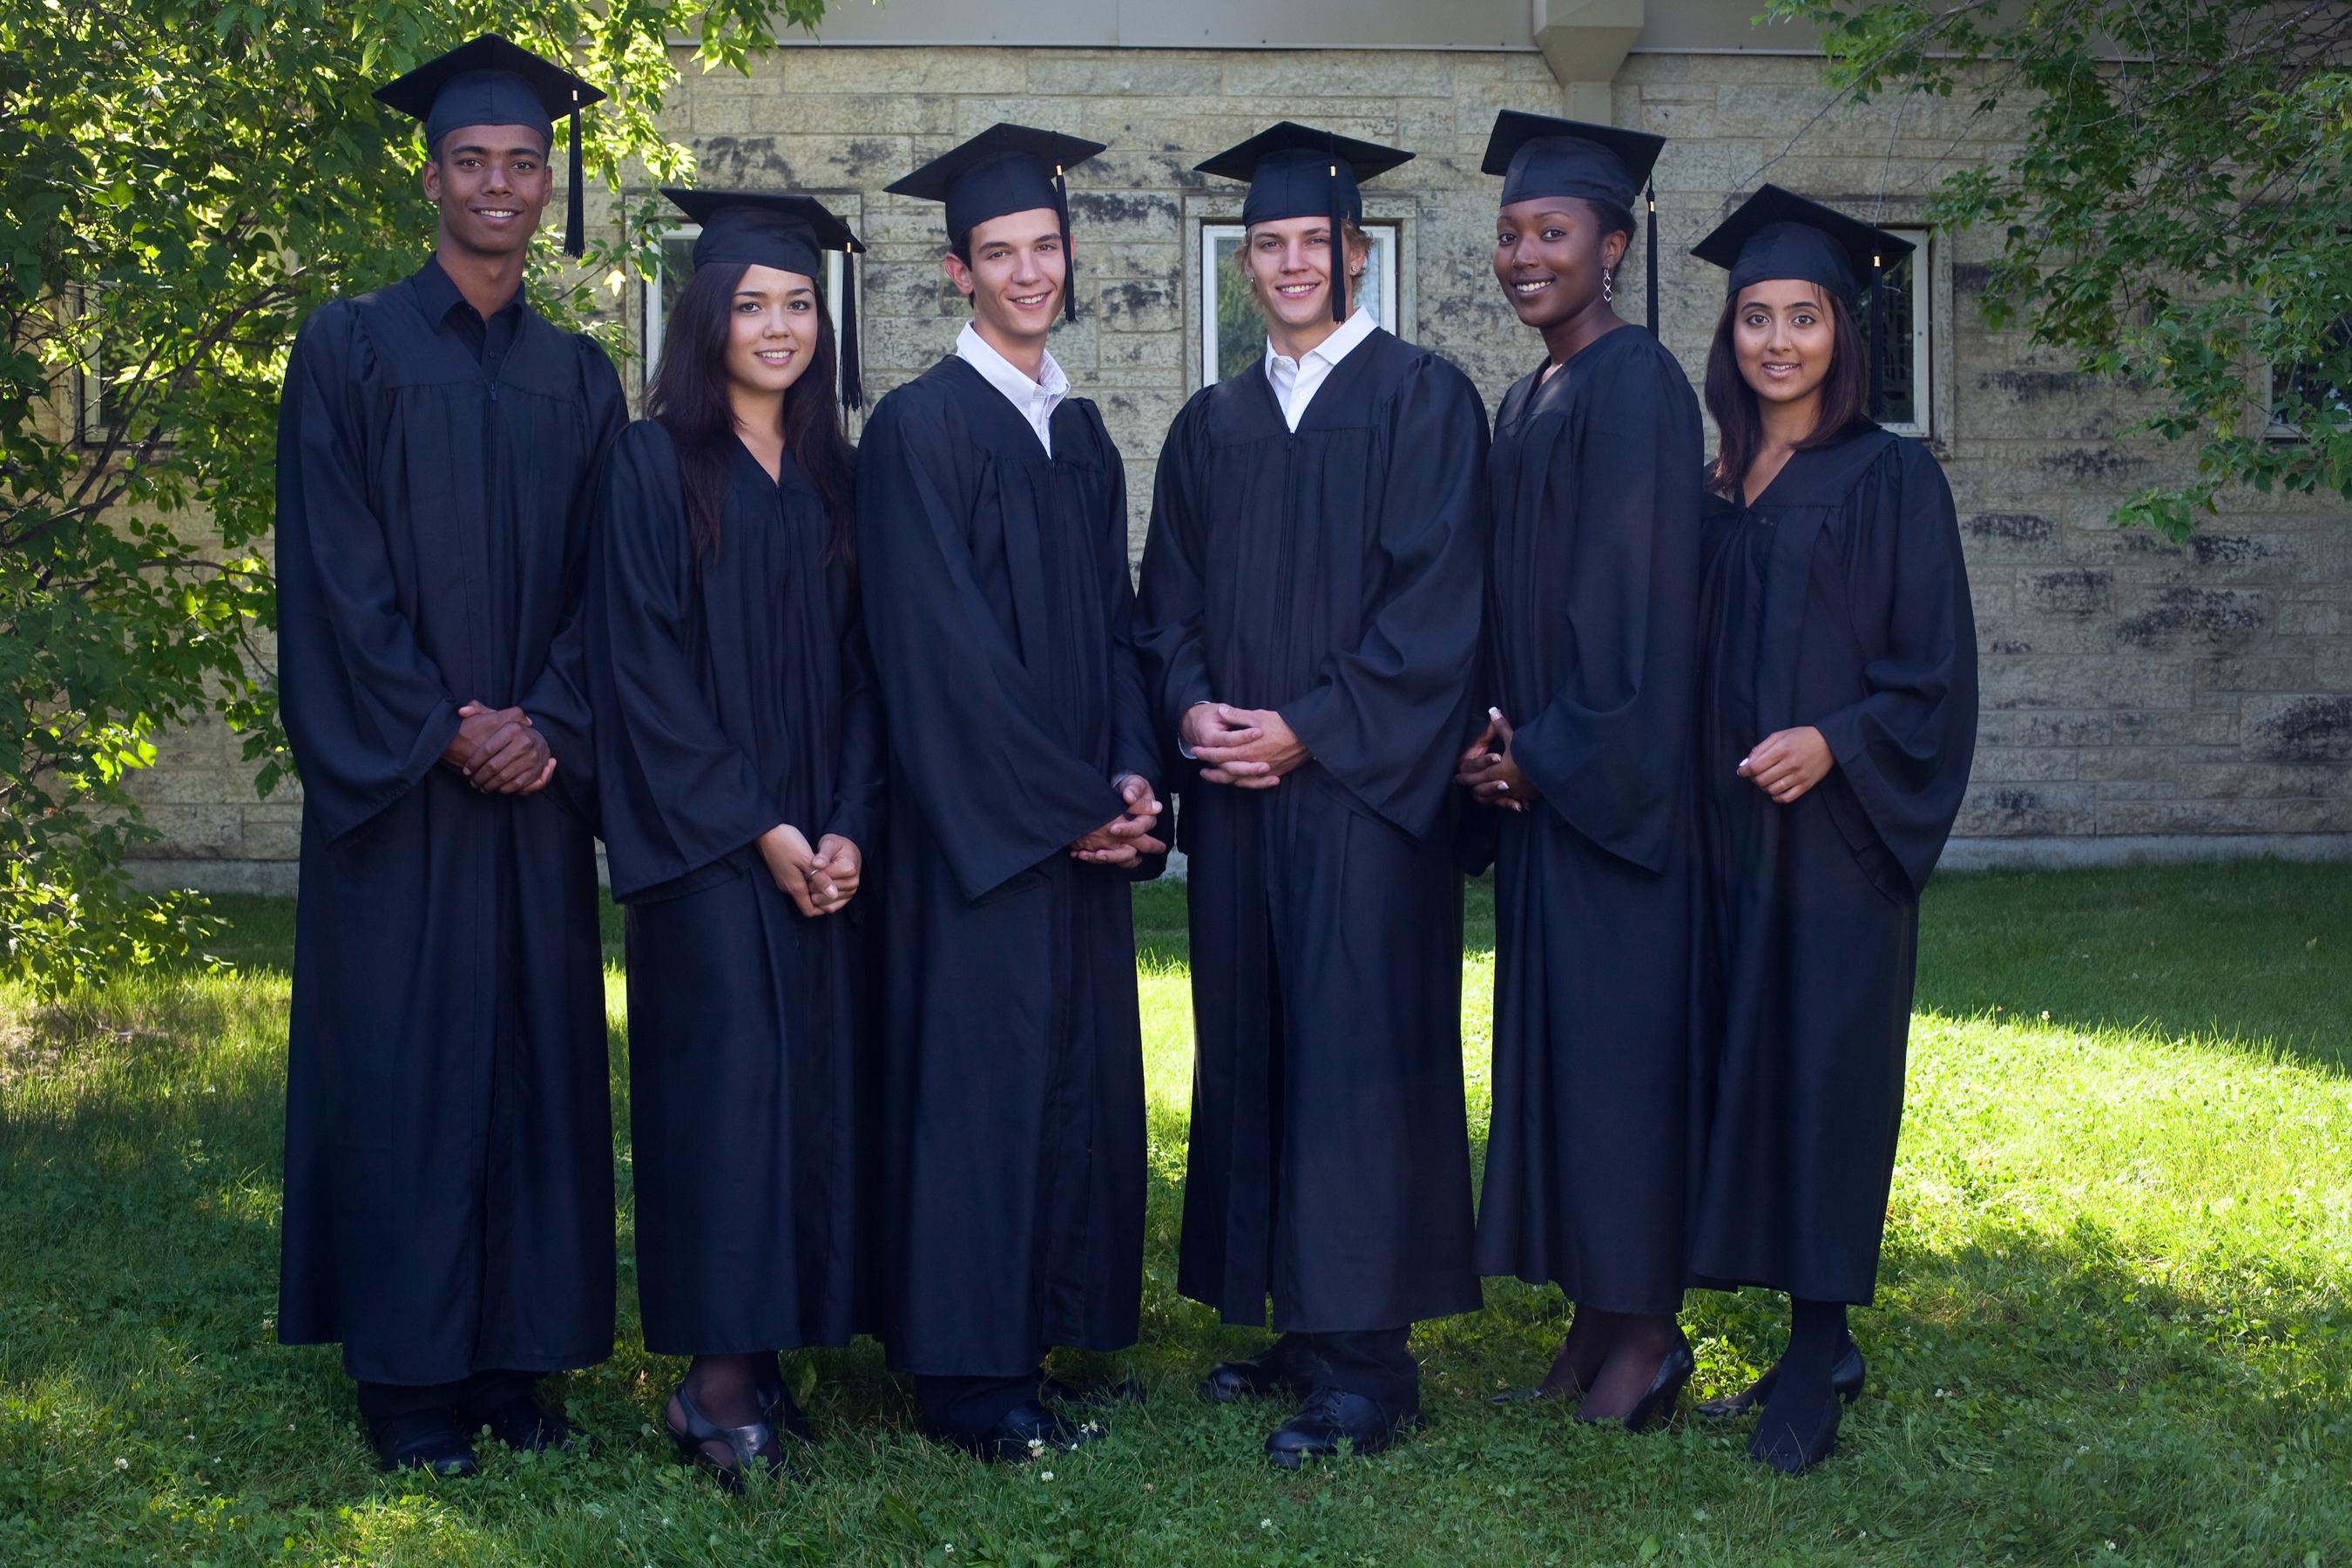 Balfour Graduation Cap And Gown Order - Sqqps.com